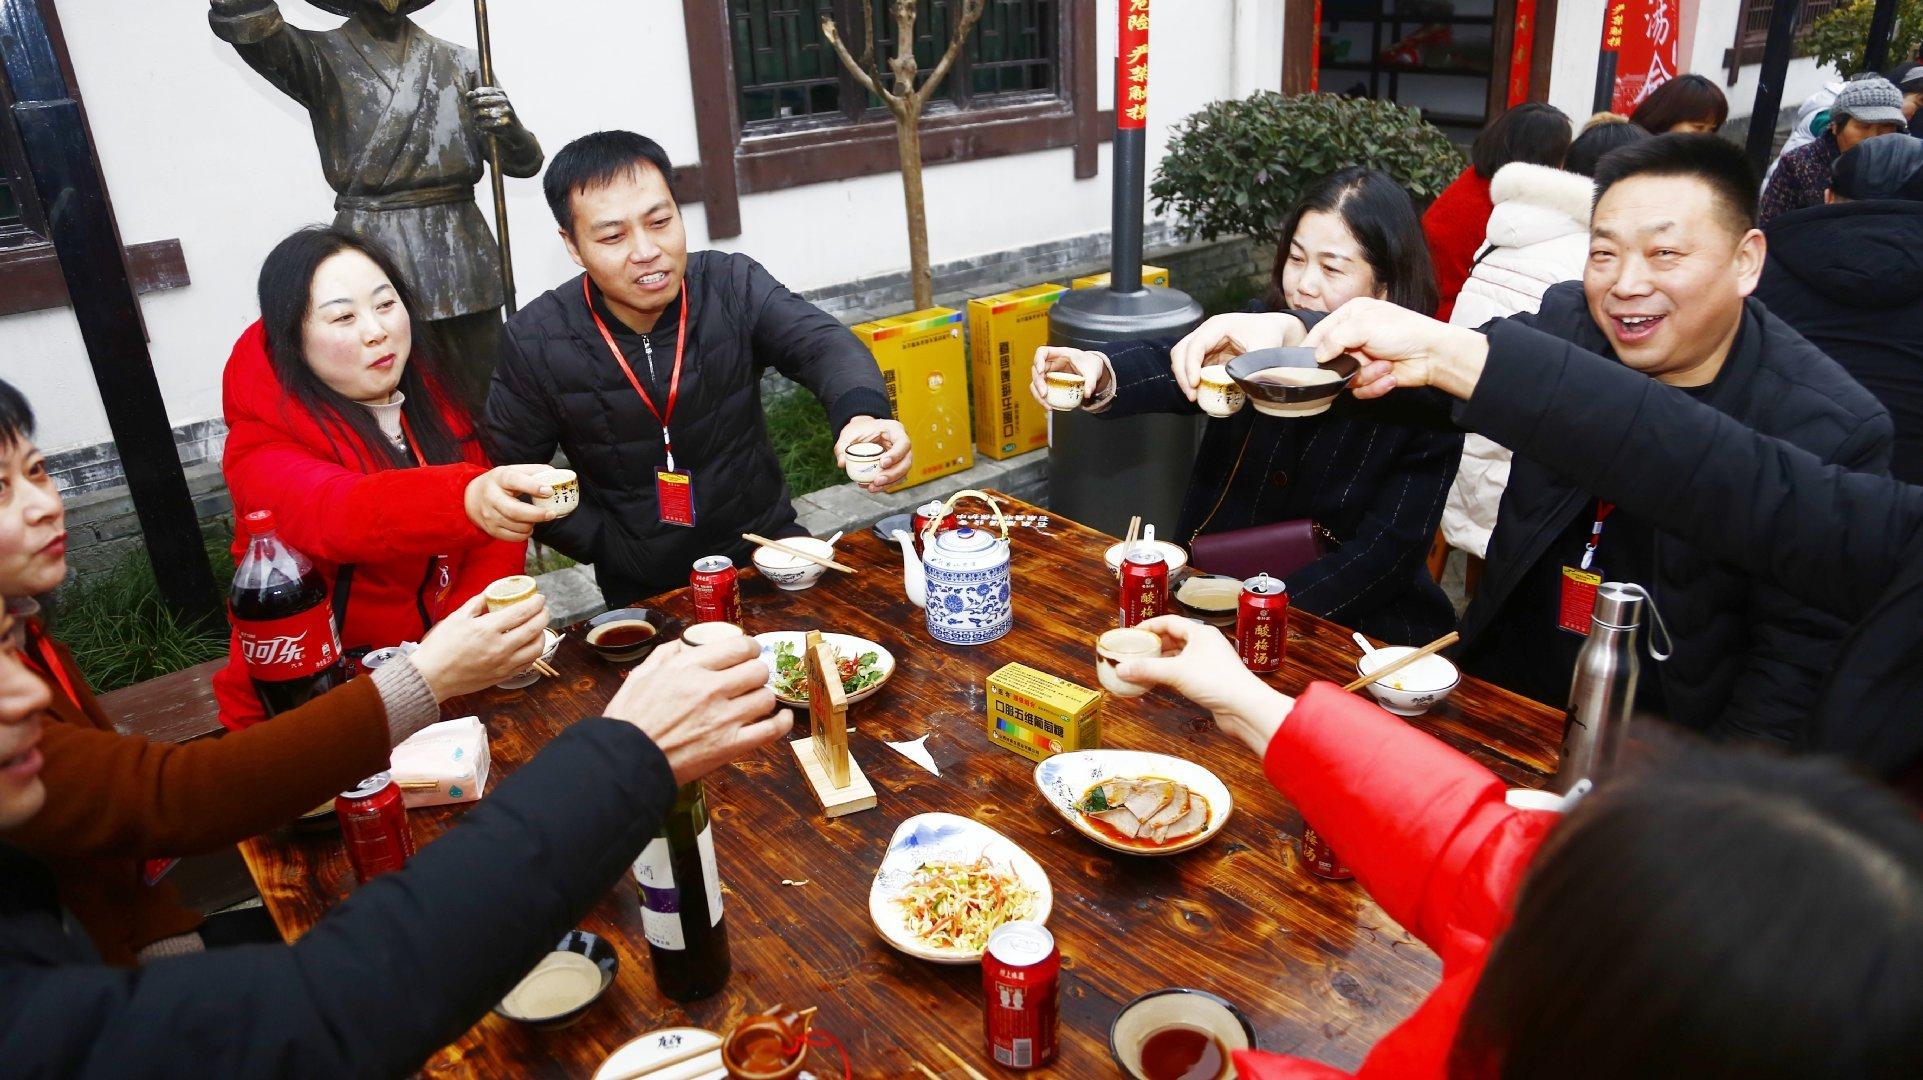 红红的庖汤会浓浓的大年味 石泉汉水庖汤会好看好吃又好玩